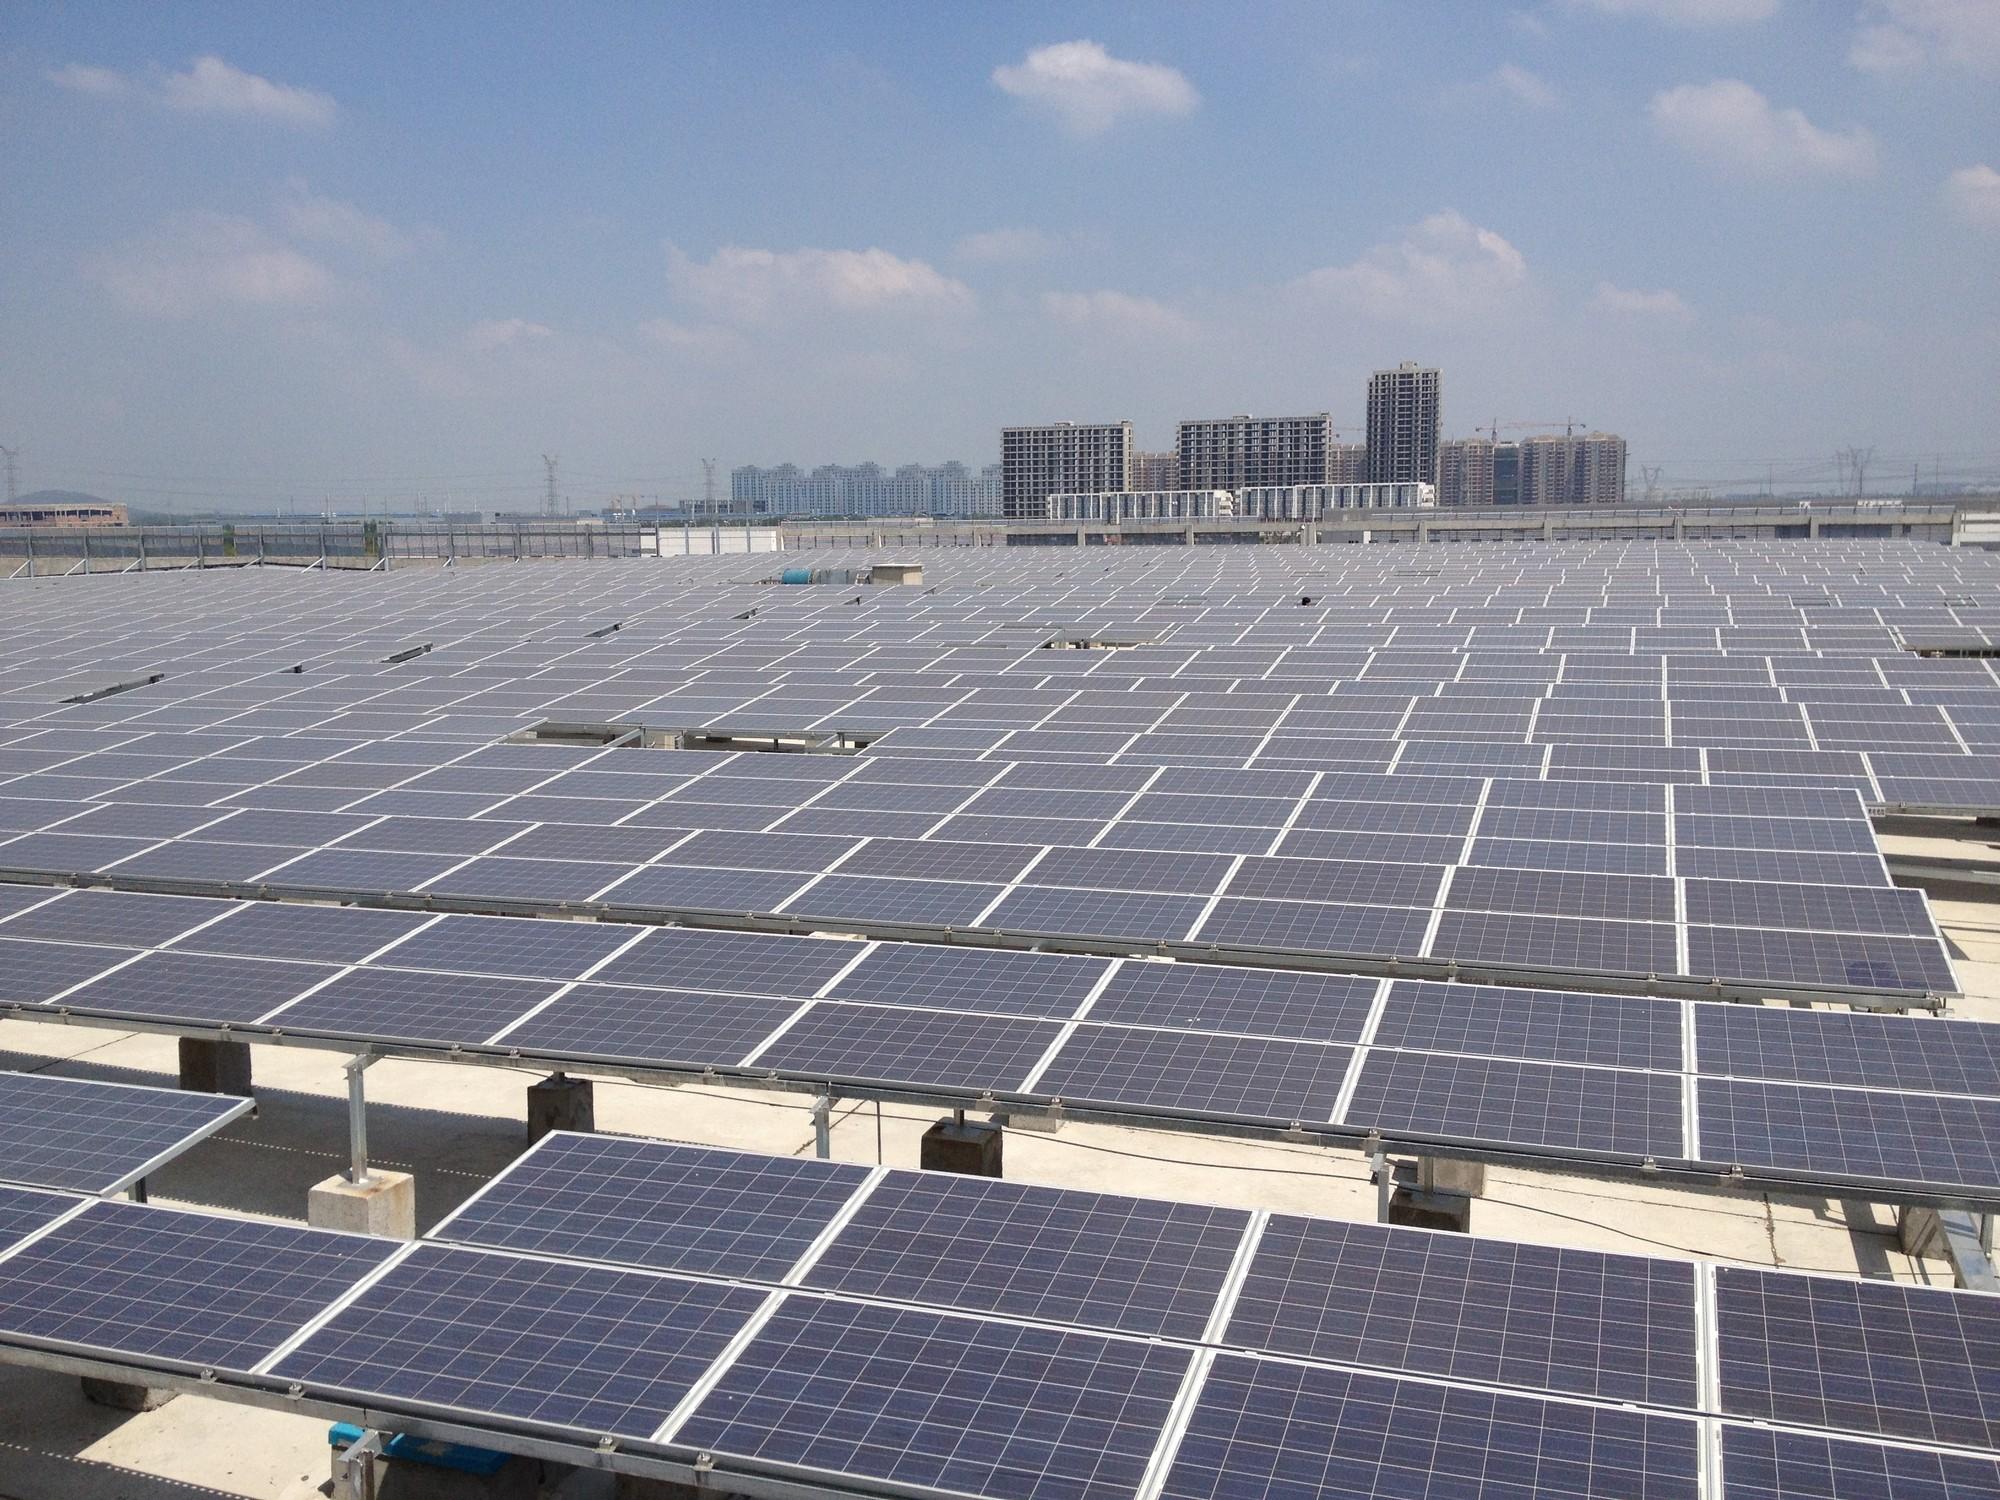 Granja Solar apoyada por China CDMFund. Image © ONU